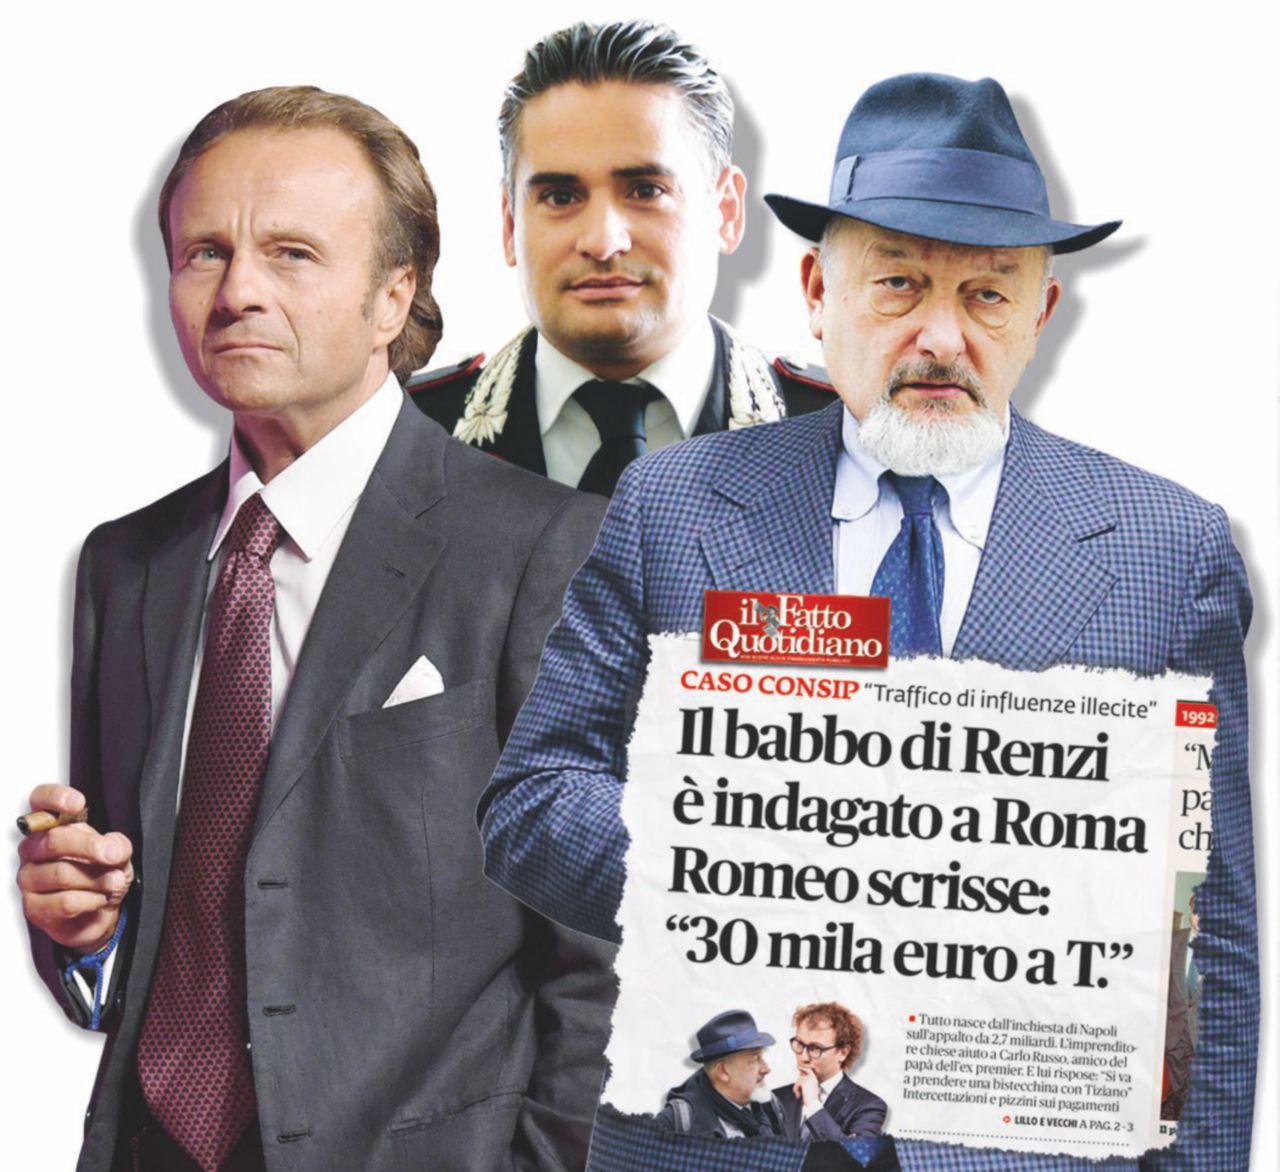 In Edicola sul Fatto Quotidiano del 13 maggio:  Il padre dell'ex premier sostiene di aver saputo di essere indagato dopo aver parlato con Marco Lillo